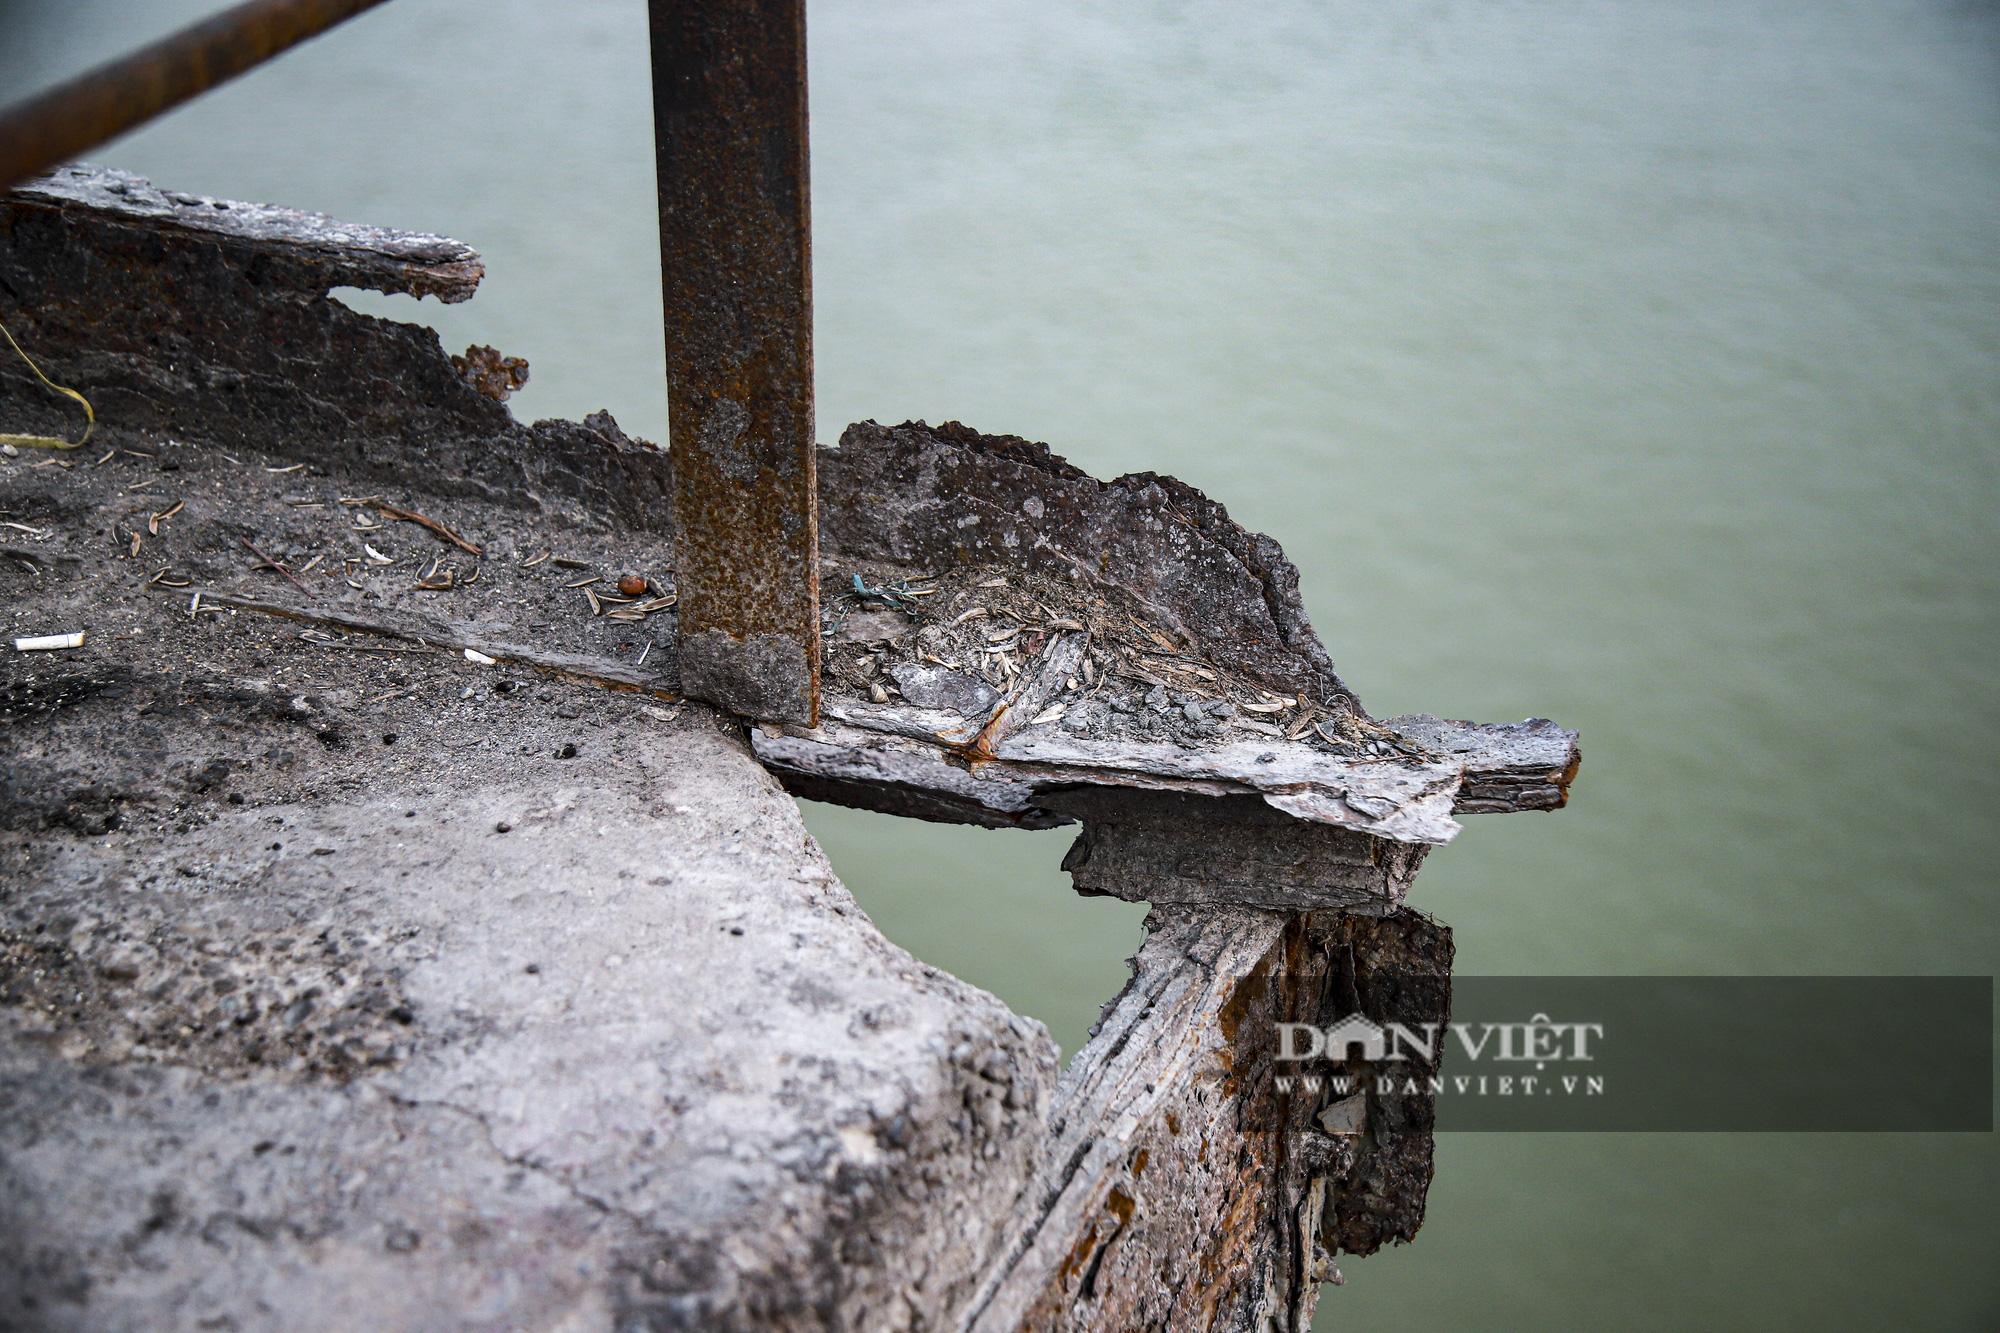 Cầu Long Biên xuống cấp đến không ngờ, mặt đường nhiều ổ gà, hở hàm ếch có thể nhìn rõ mặt nước sông Hồng - Ảnh 8.